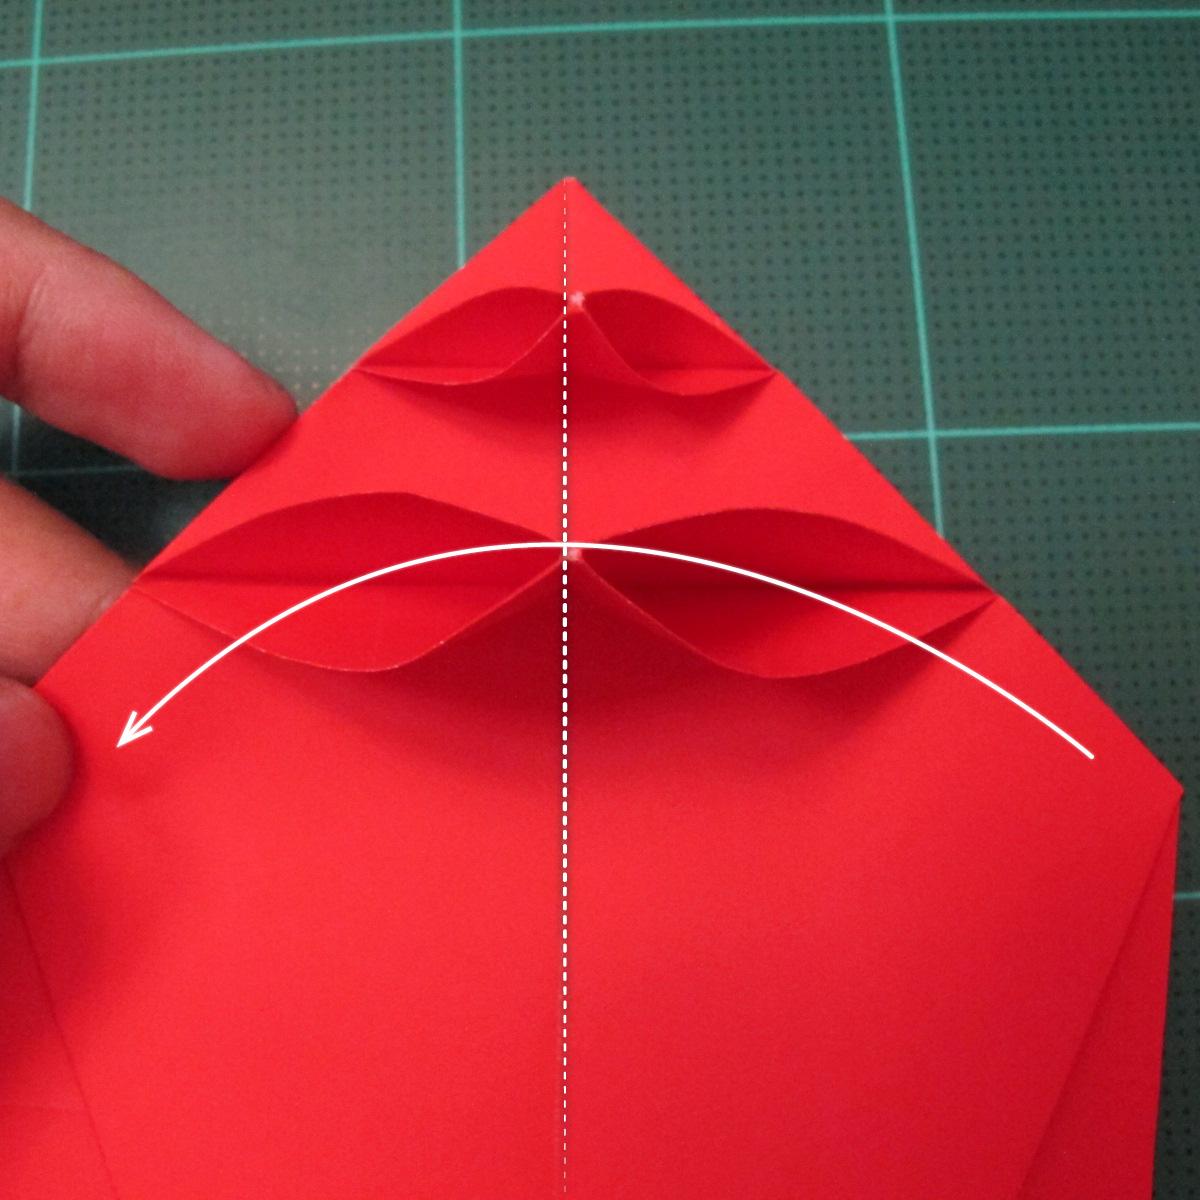 การพับกระดาษเป็นรูปสัตว์ประหลาดก็อตซิล่า (Origami Gozzila) 030